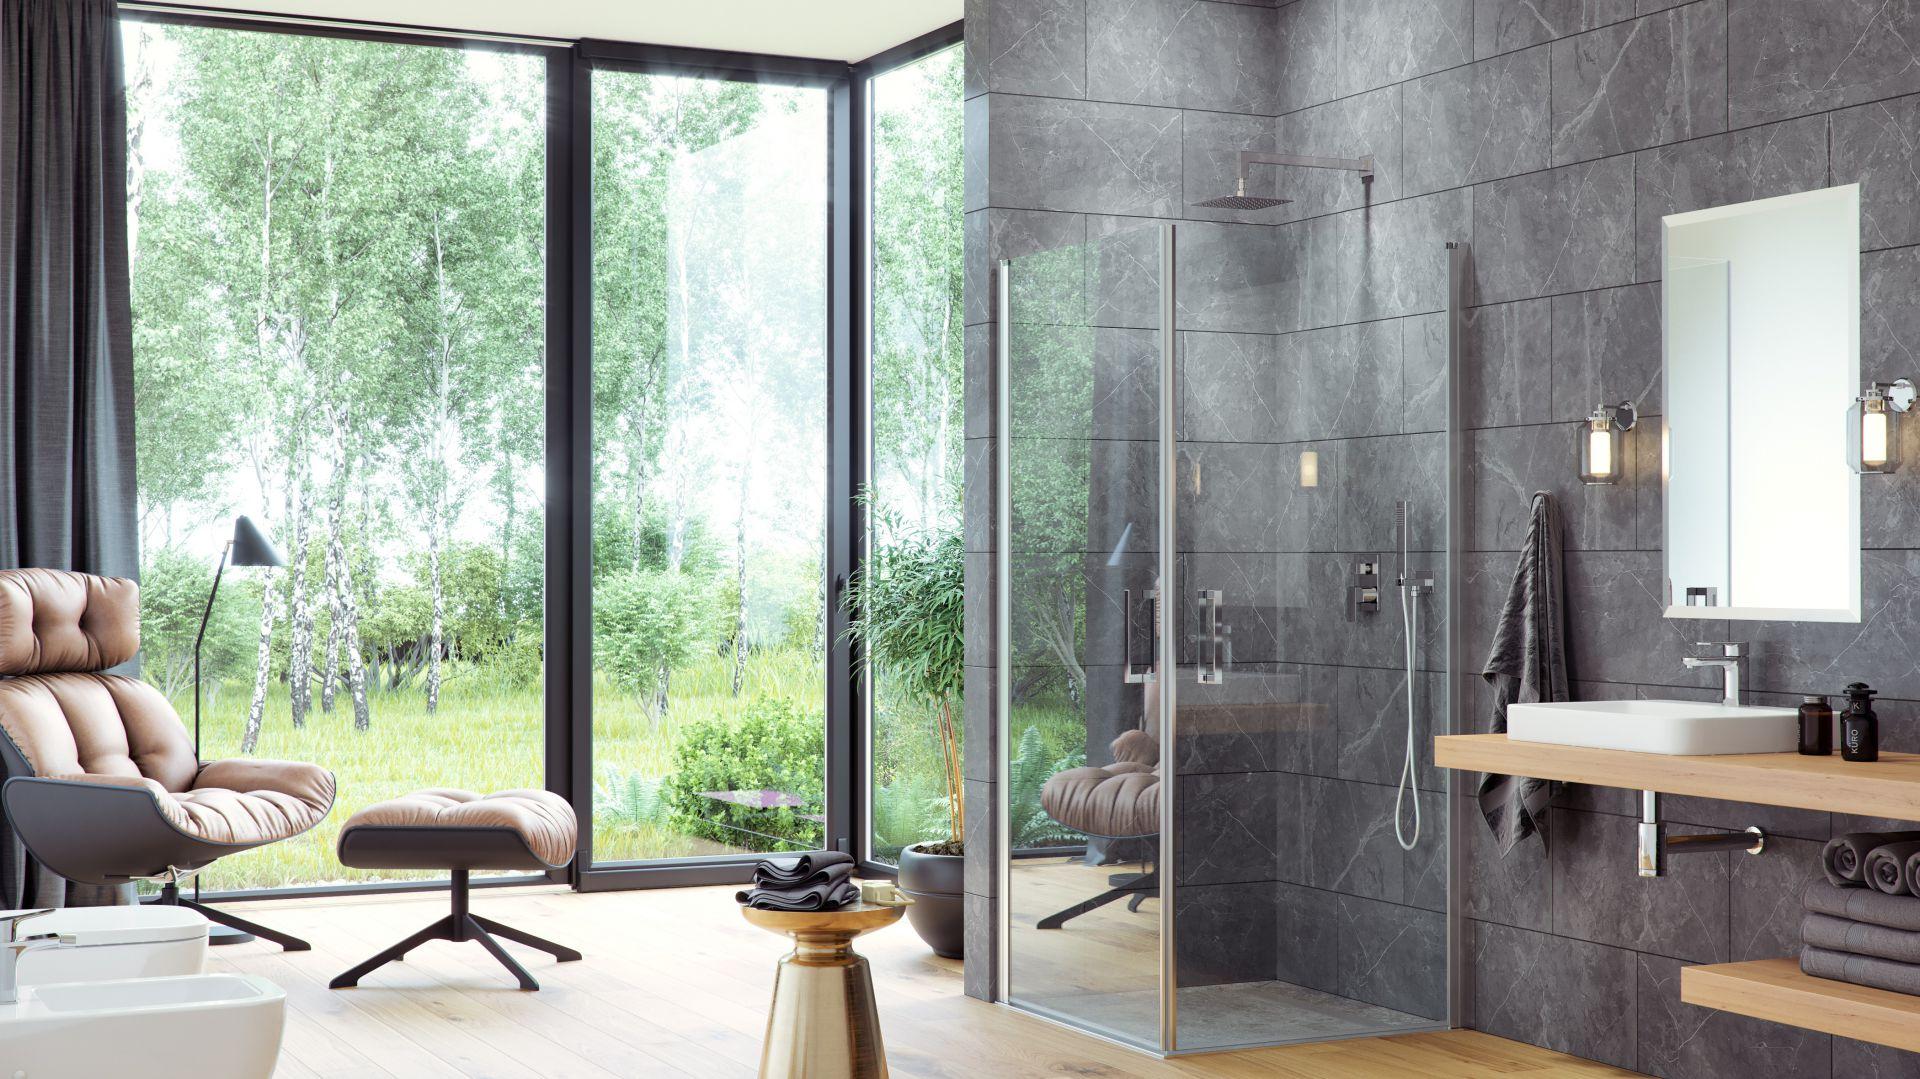 Kwadratowa, dwudrzwiowa kabina prysznicowa z serii Mazo z drzwiami uchylanymi do wewnątrz i na zewnątrz. Excellent,